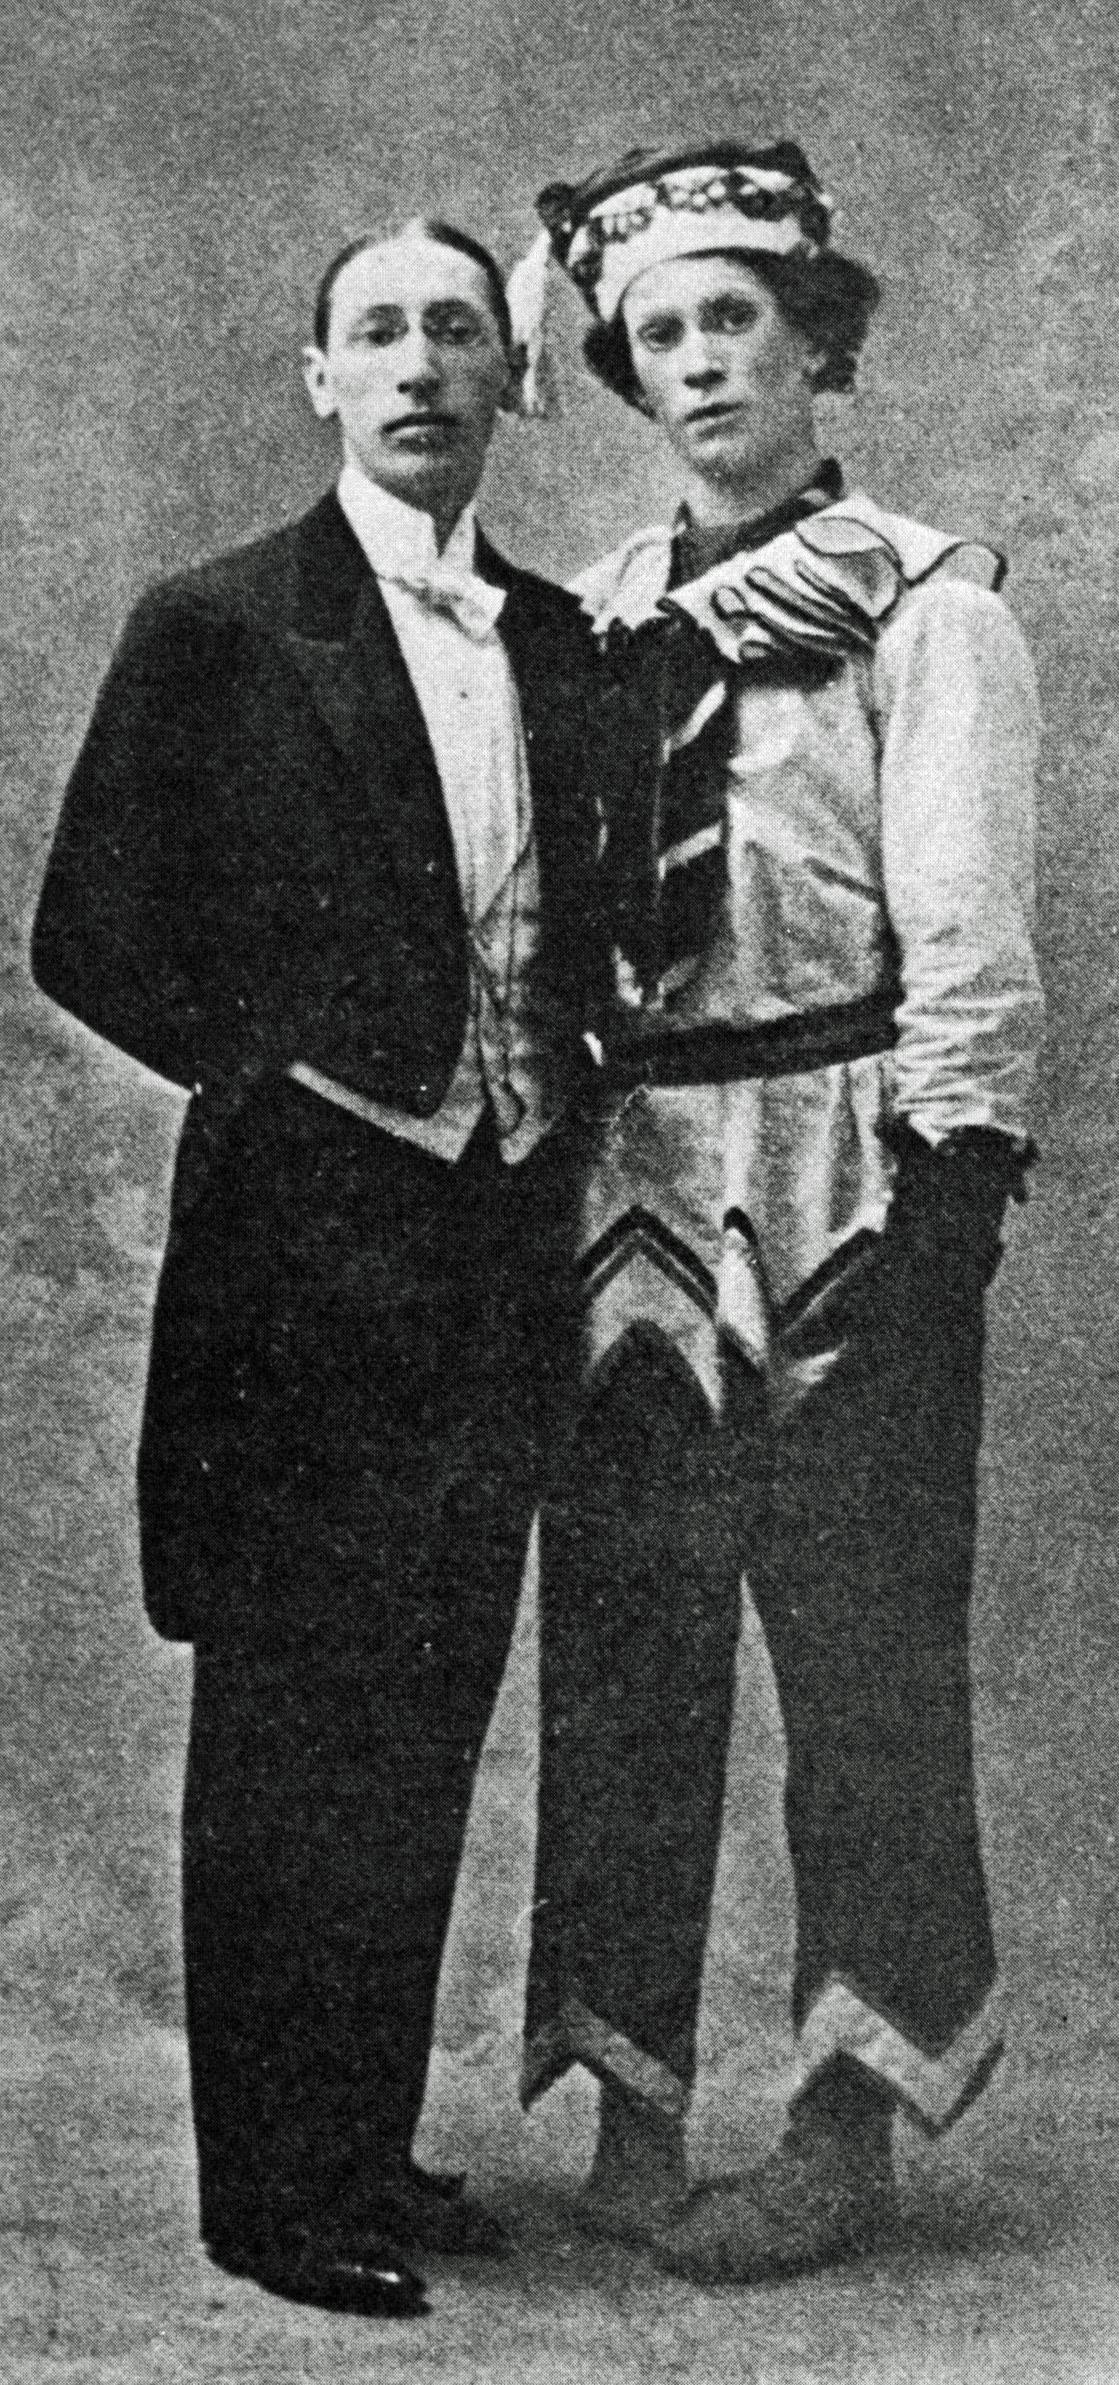 Igor Stravinsky Conducting The Wanda Landowska - Circus Polka - Trumpet Tune And Air - Goldberg Variation No. 16